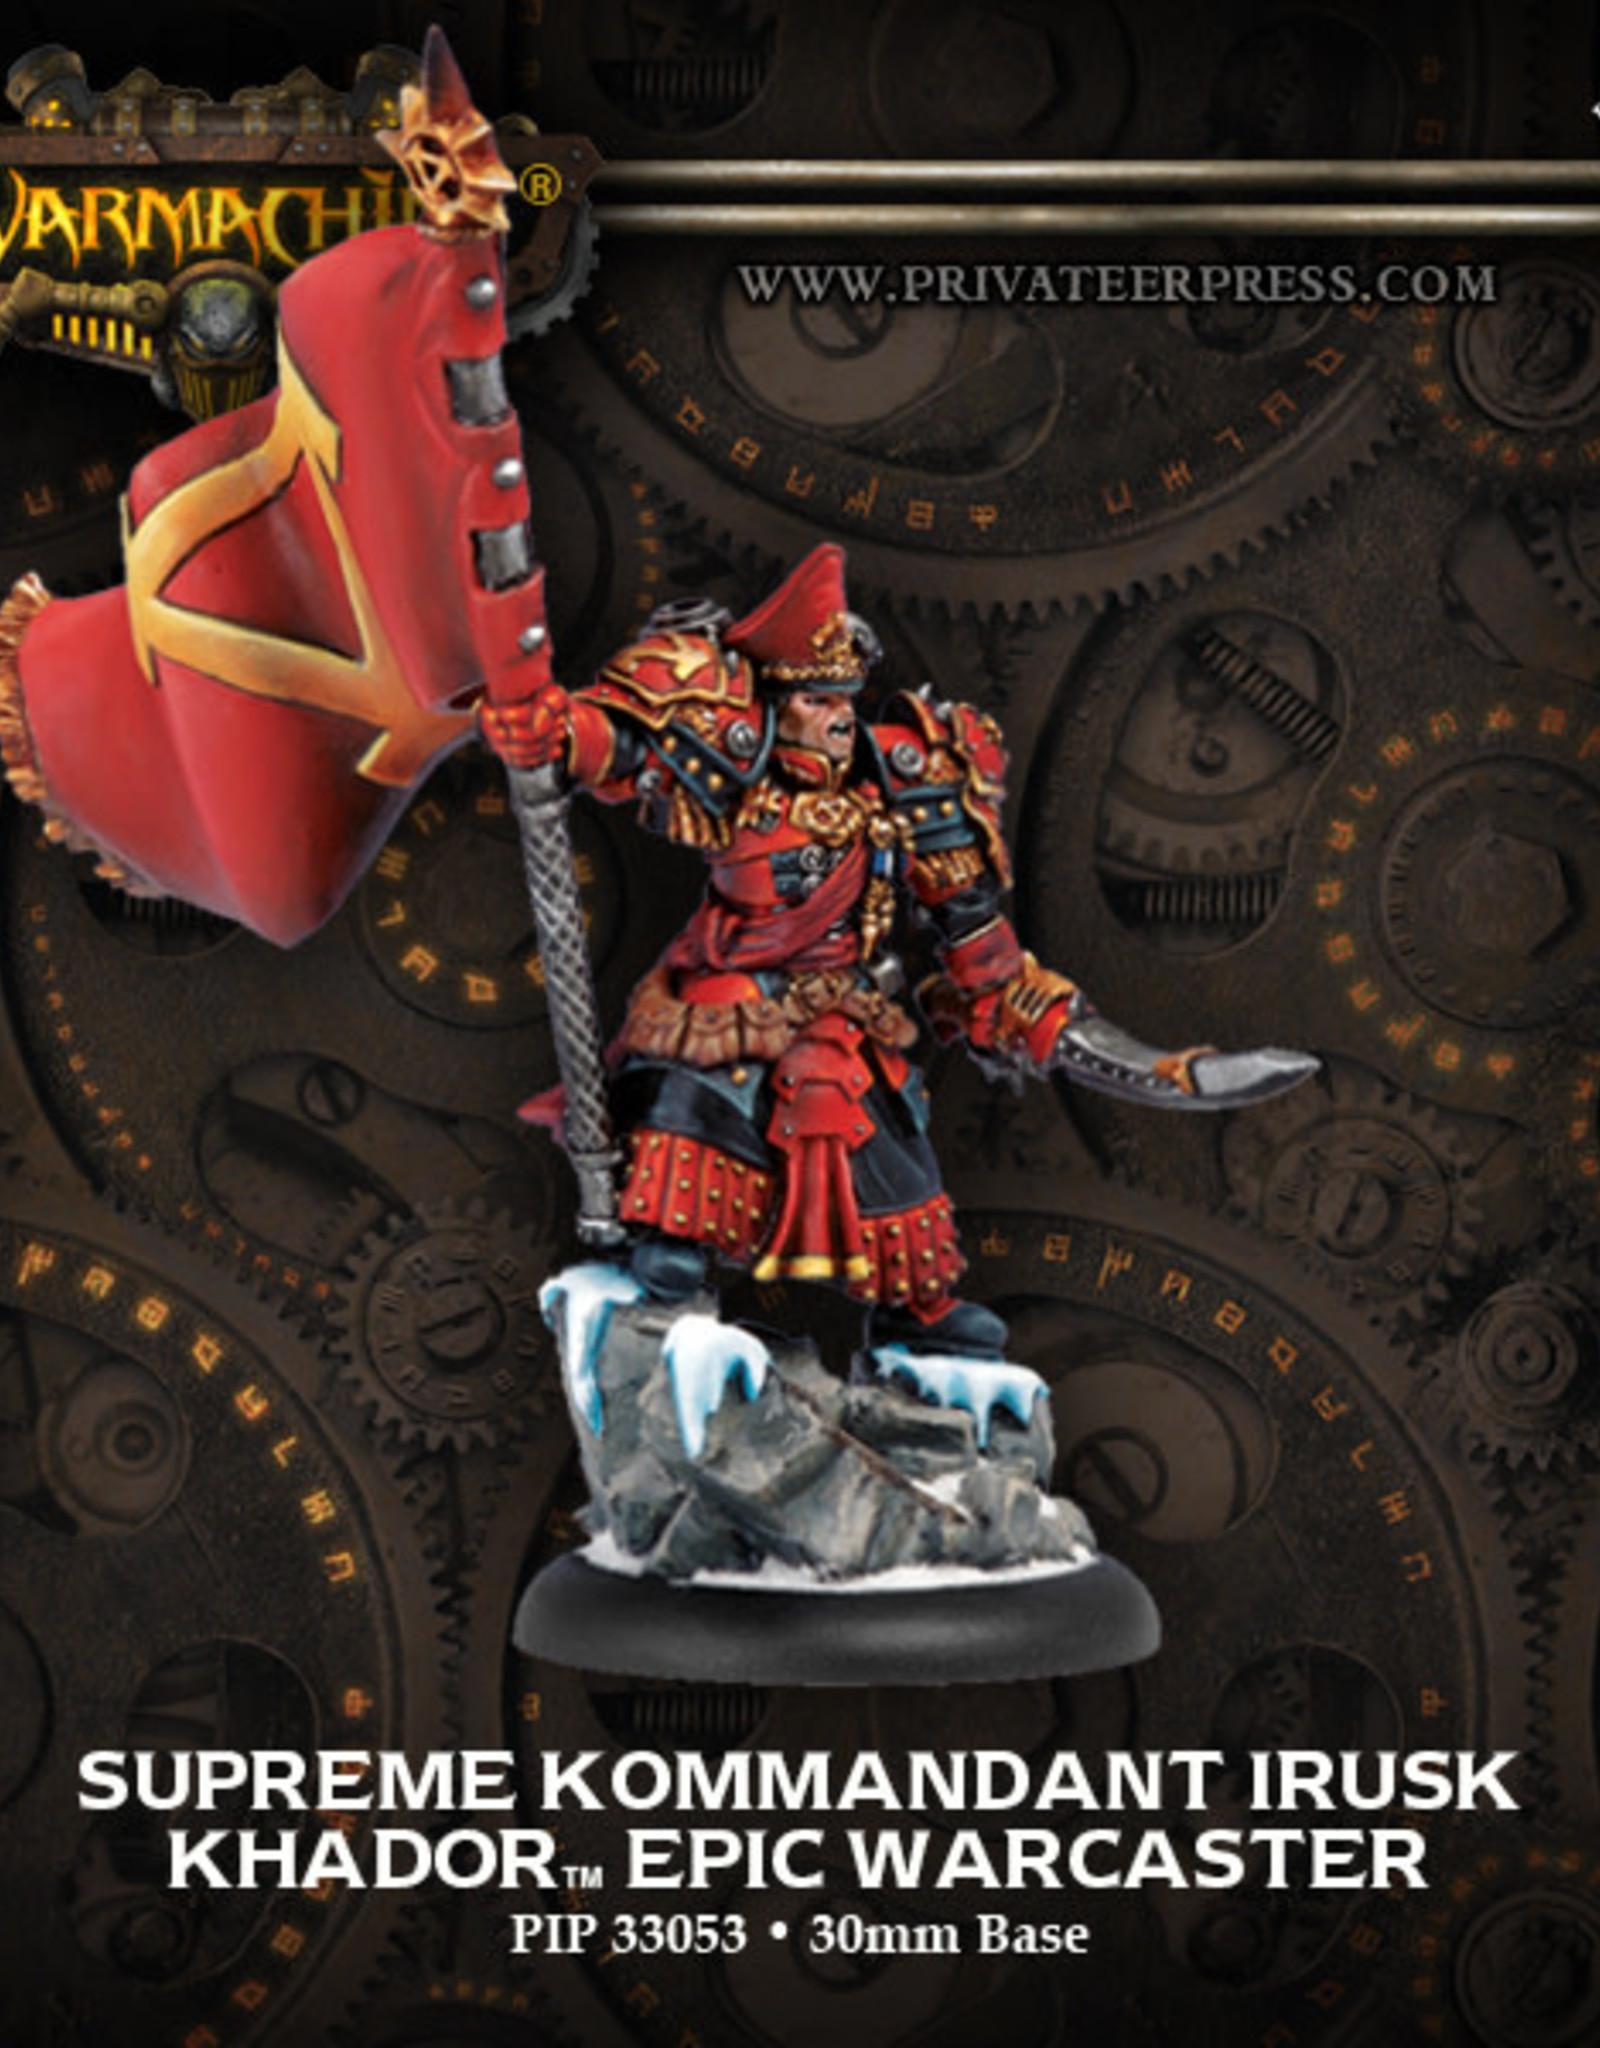 Warmachine Khador - Epic Irusk